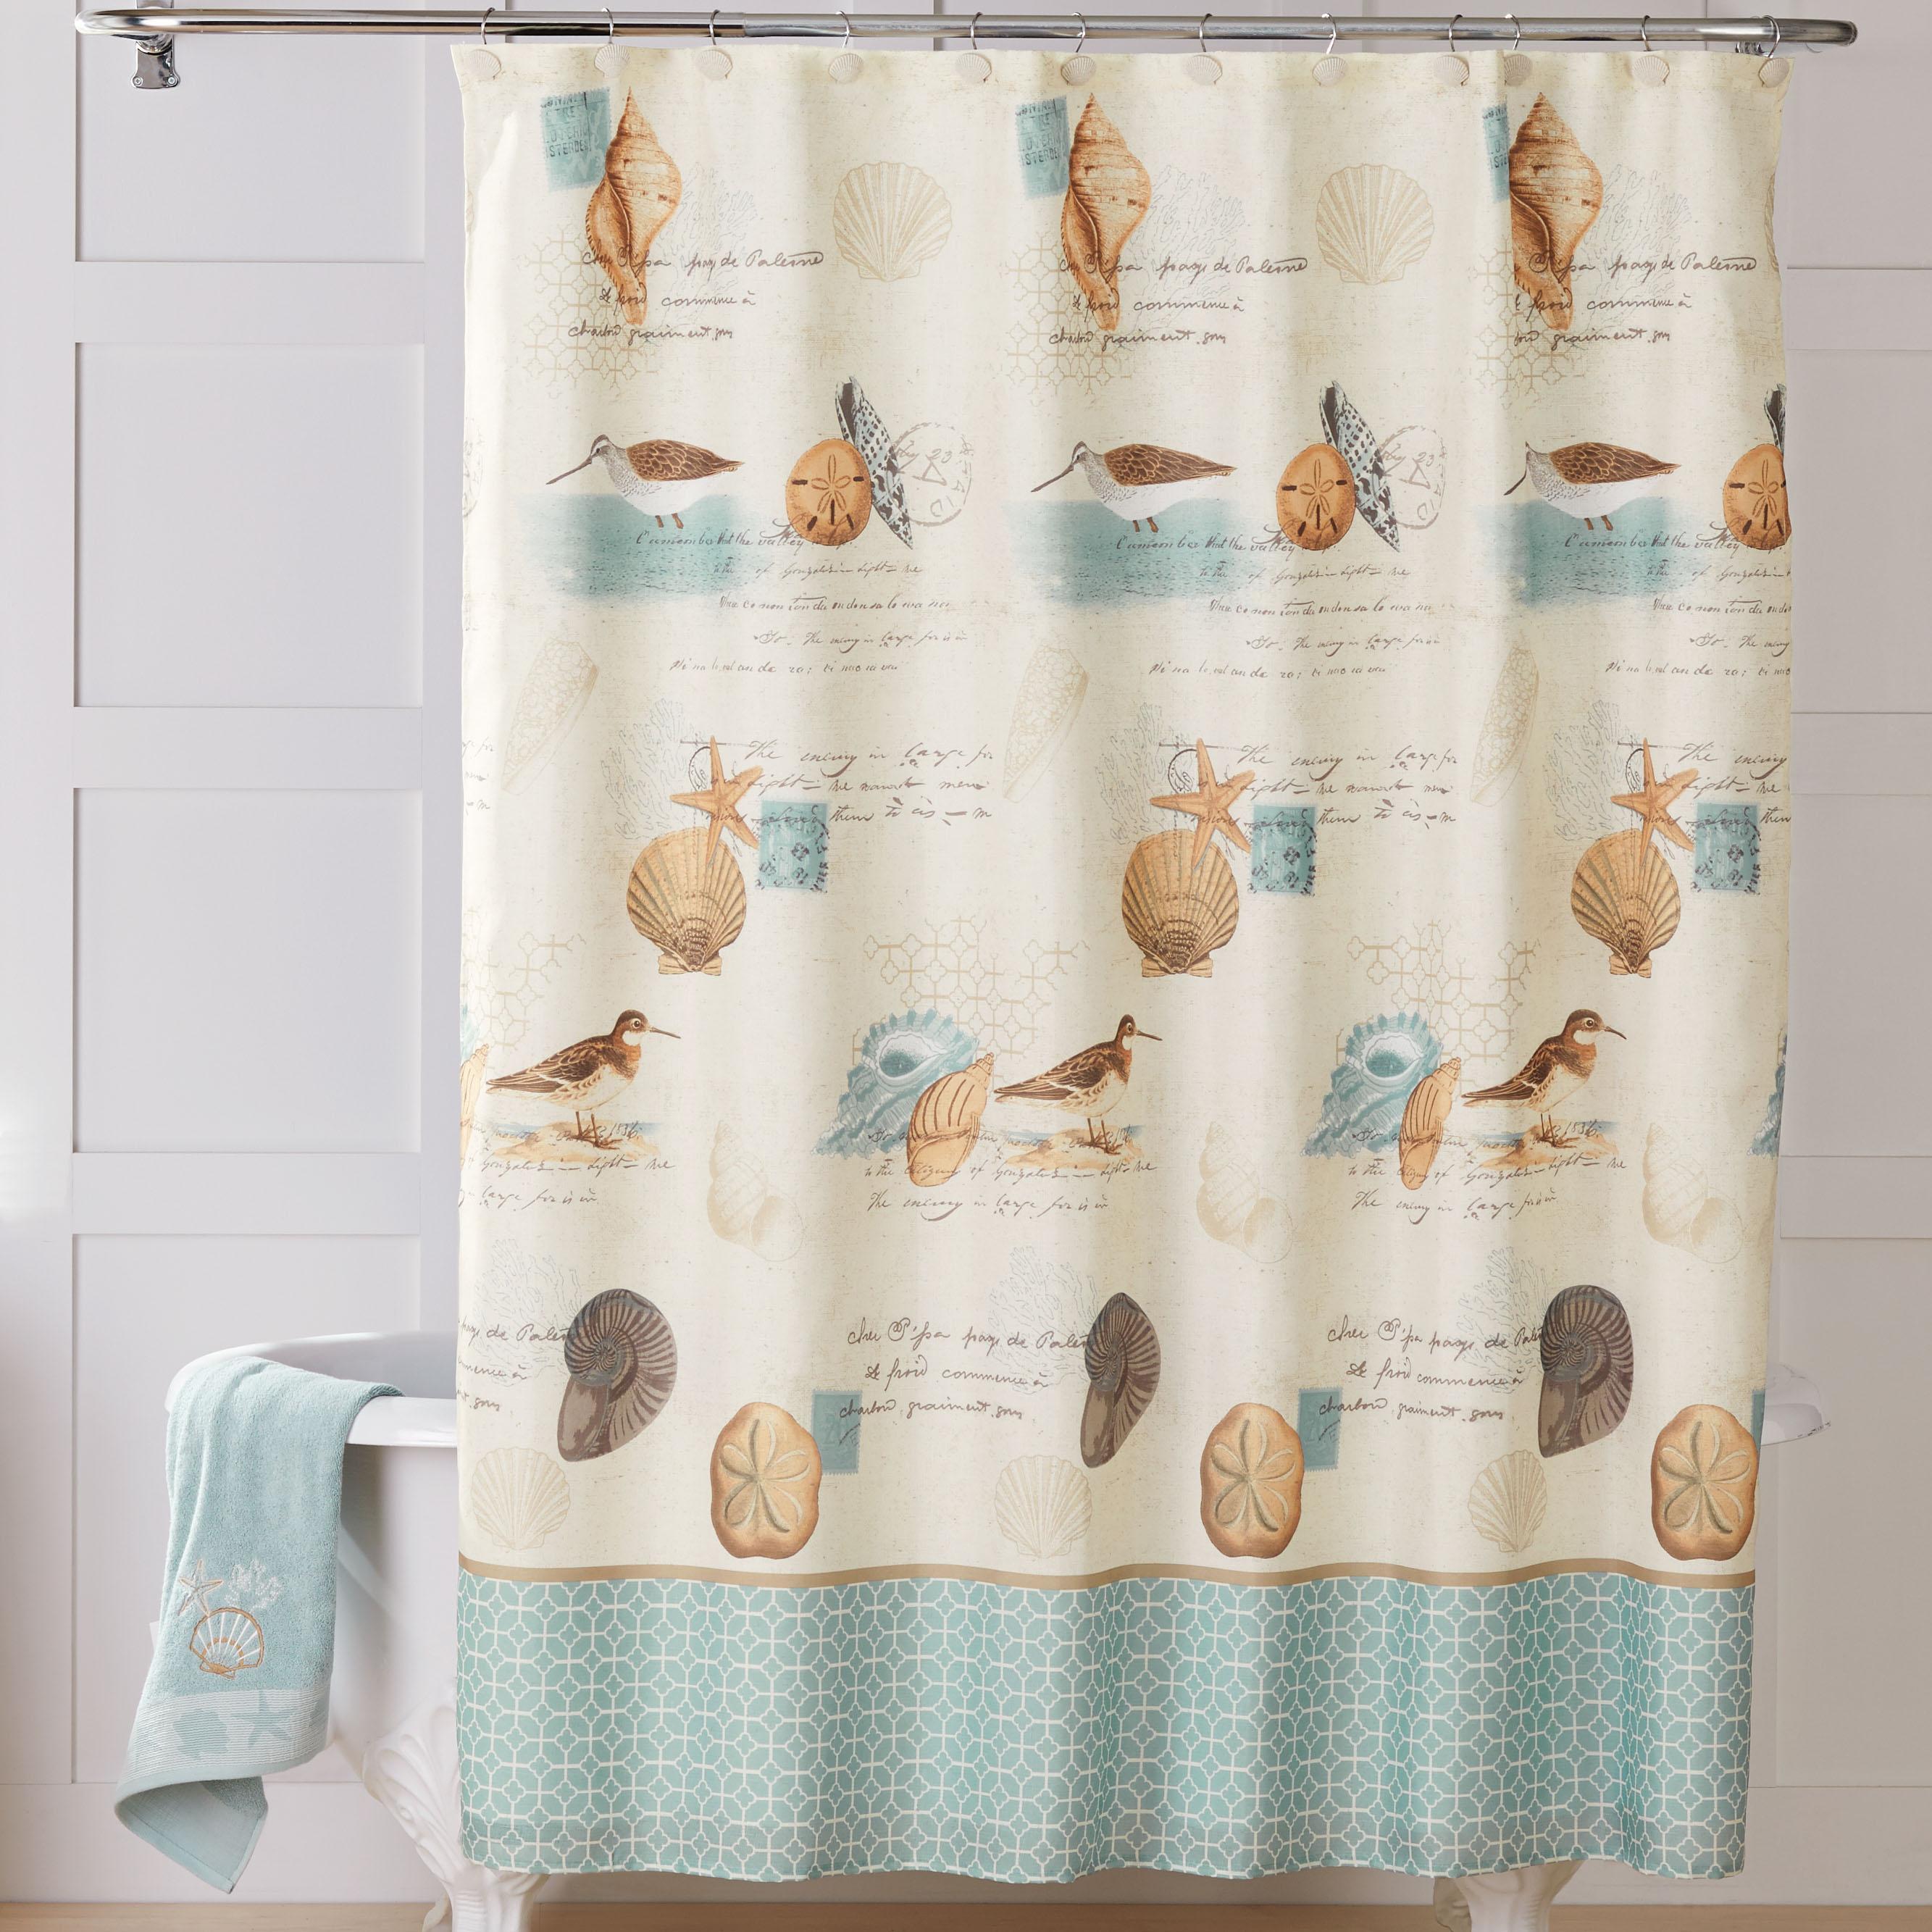 Walmart Shower CurtainsBetter Coastal Collage